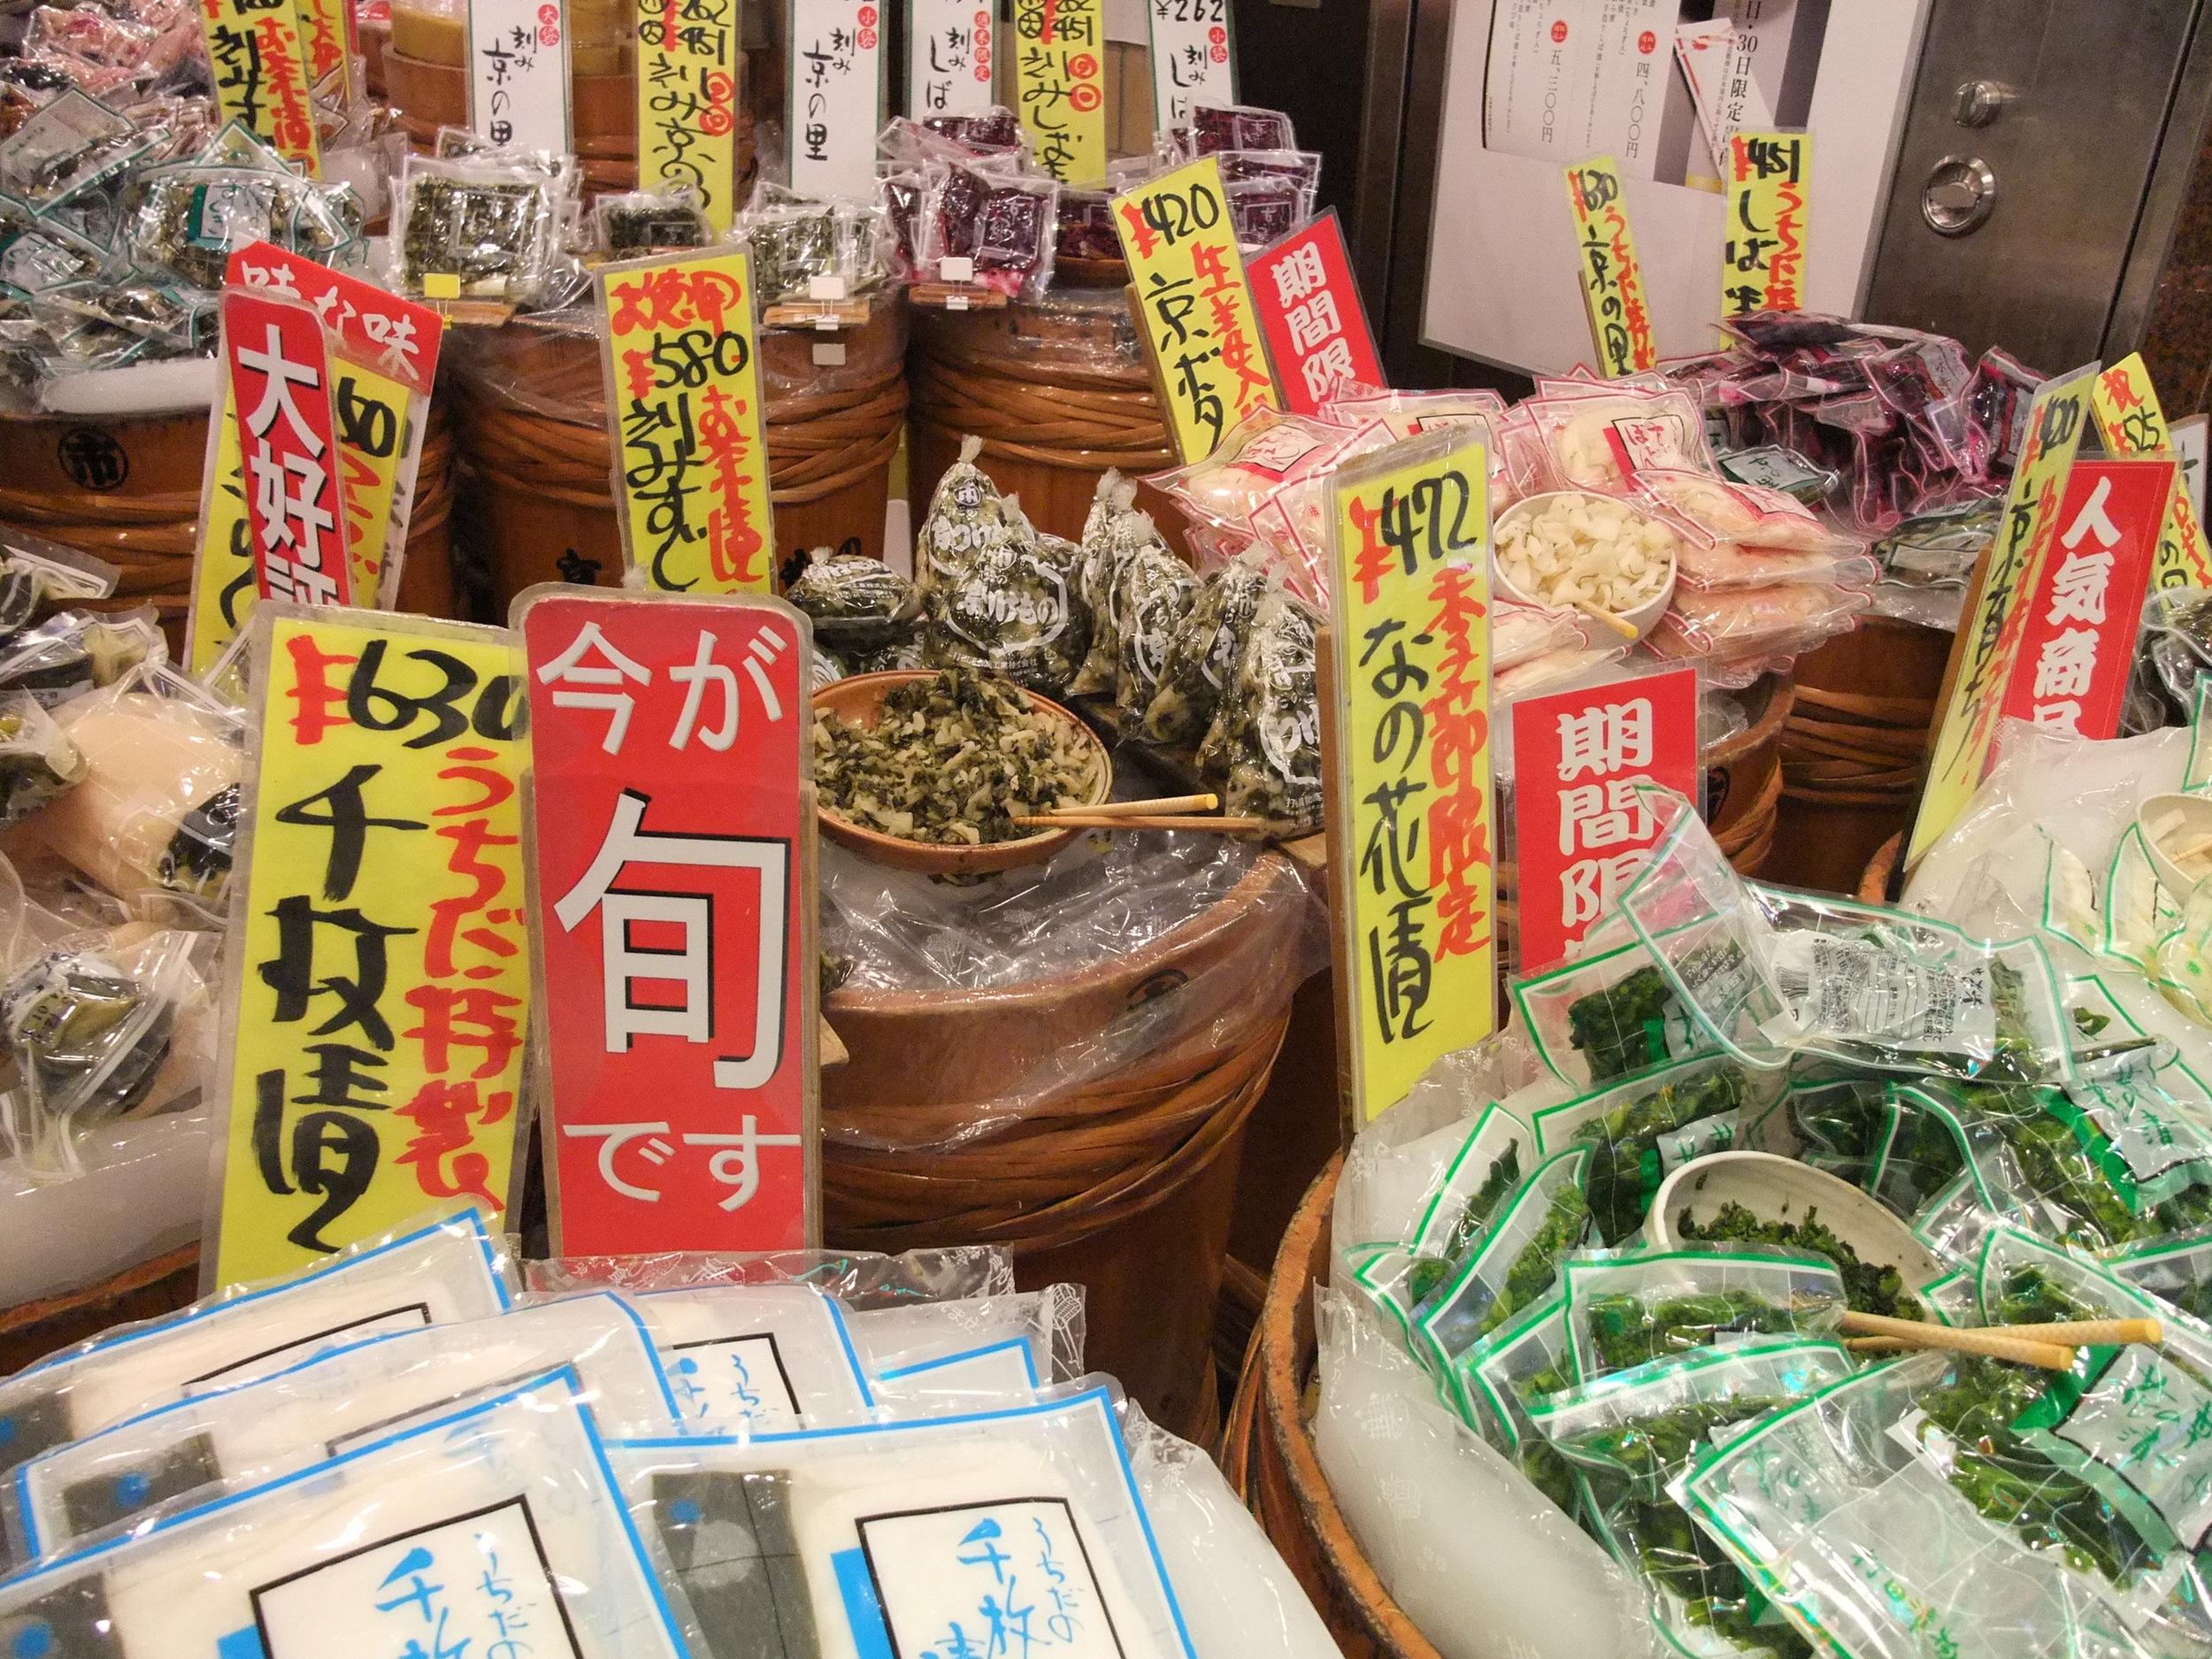 Various pickled vegetables at the Nishiki Food Market